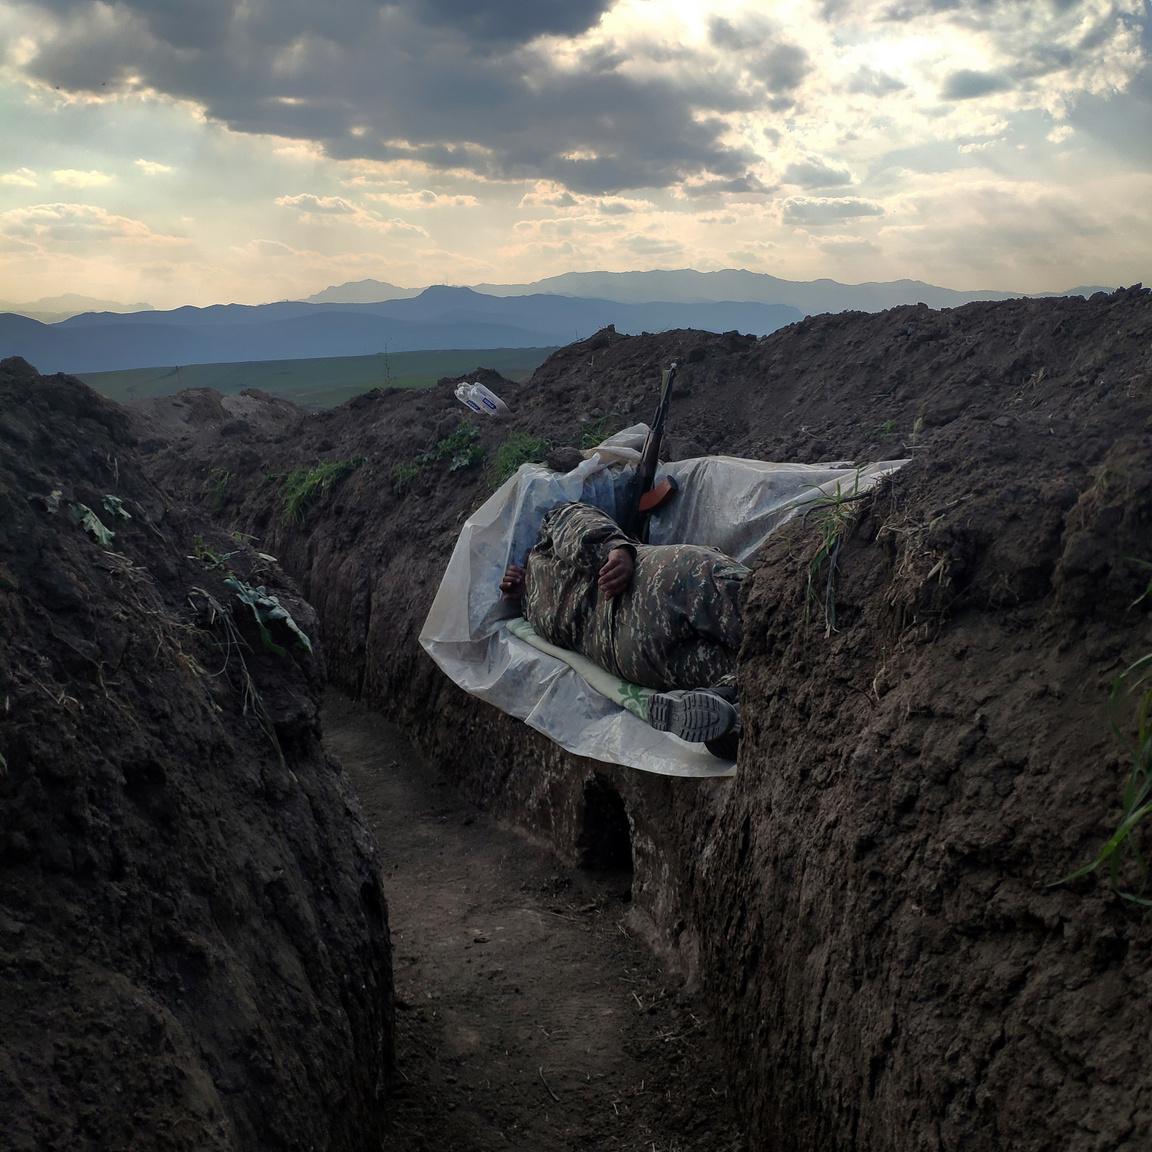 Vaginka Gazarian Pihenő katonája második helyezést kapott a kortárs kérdések (egyedi) kategóriában. A képen látható katona a tavaly szeptemberben kitört második azeri-örmény háború egyik lövészárkában alszik egy műanyaggal borított földdarabon. A konfliktus orosz közreműködéssel fegyverszünettel zárult 2020 novemberében.